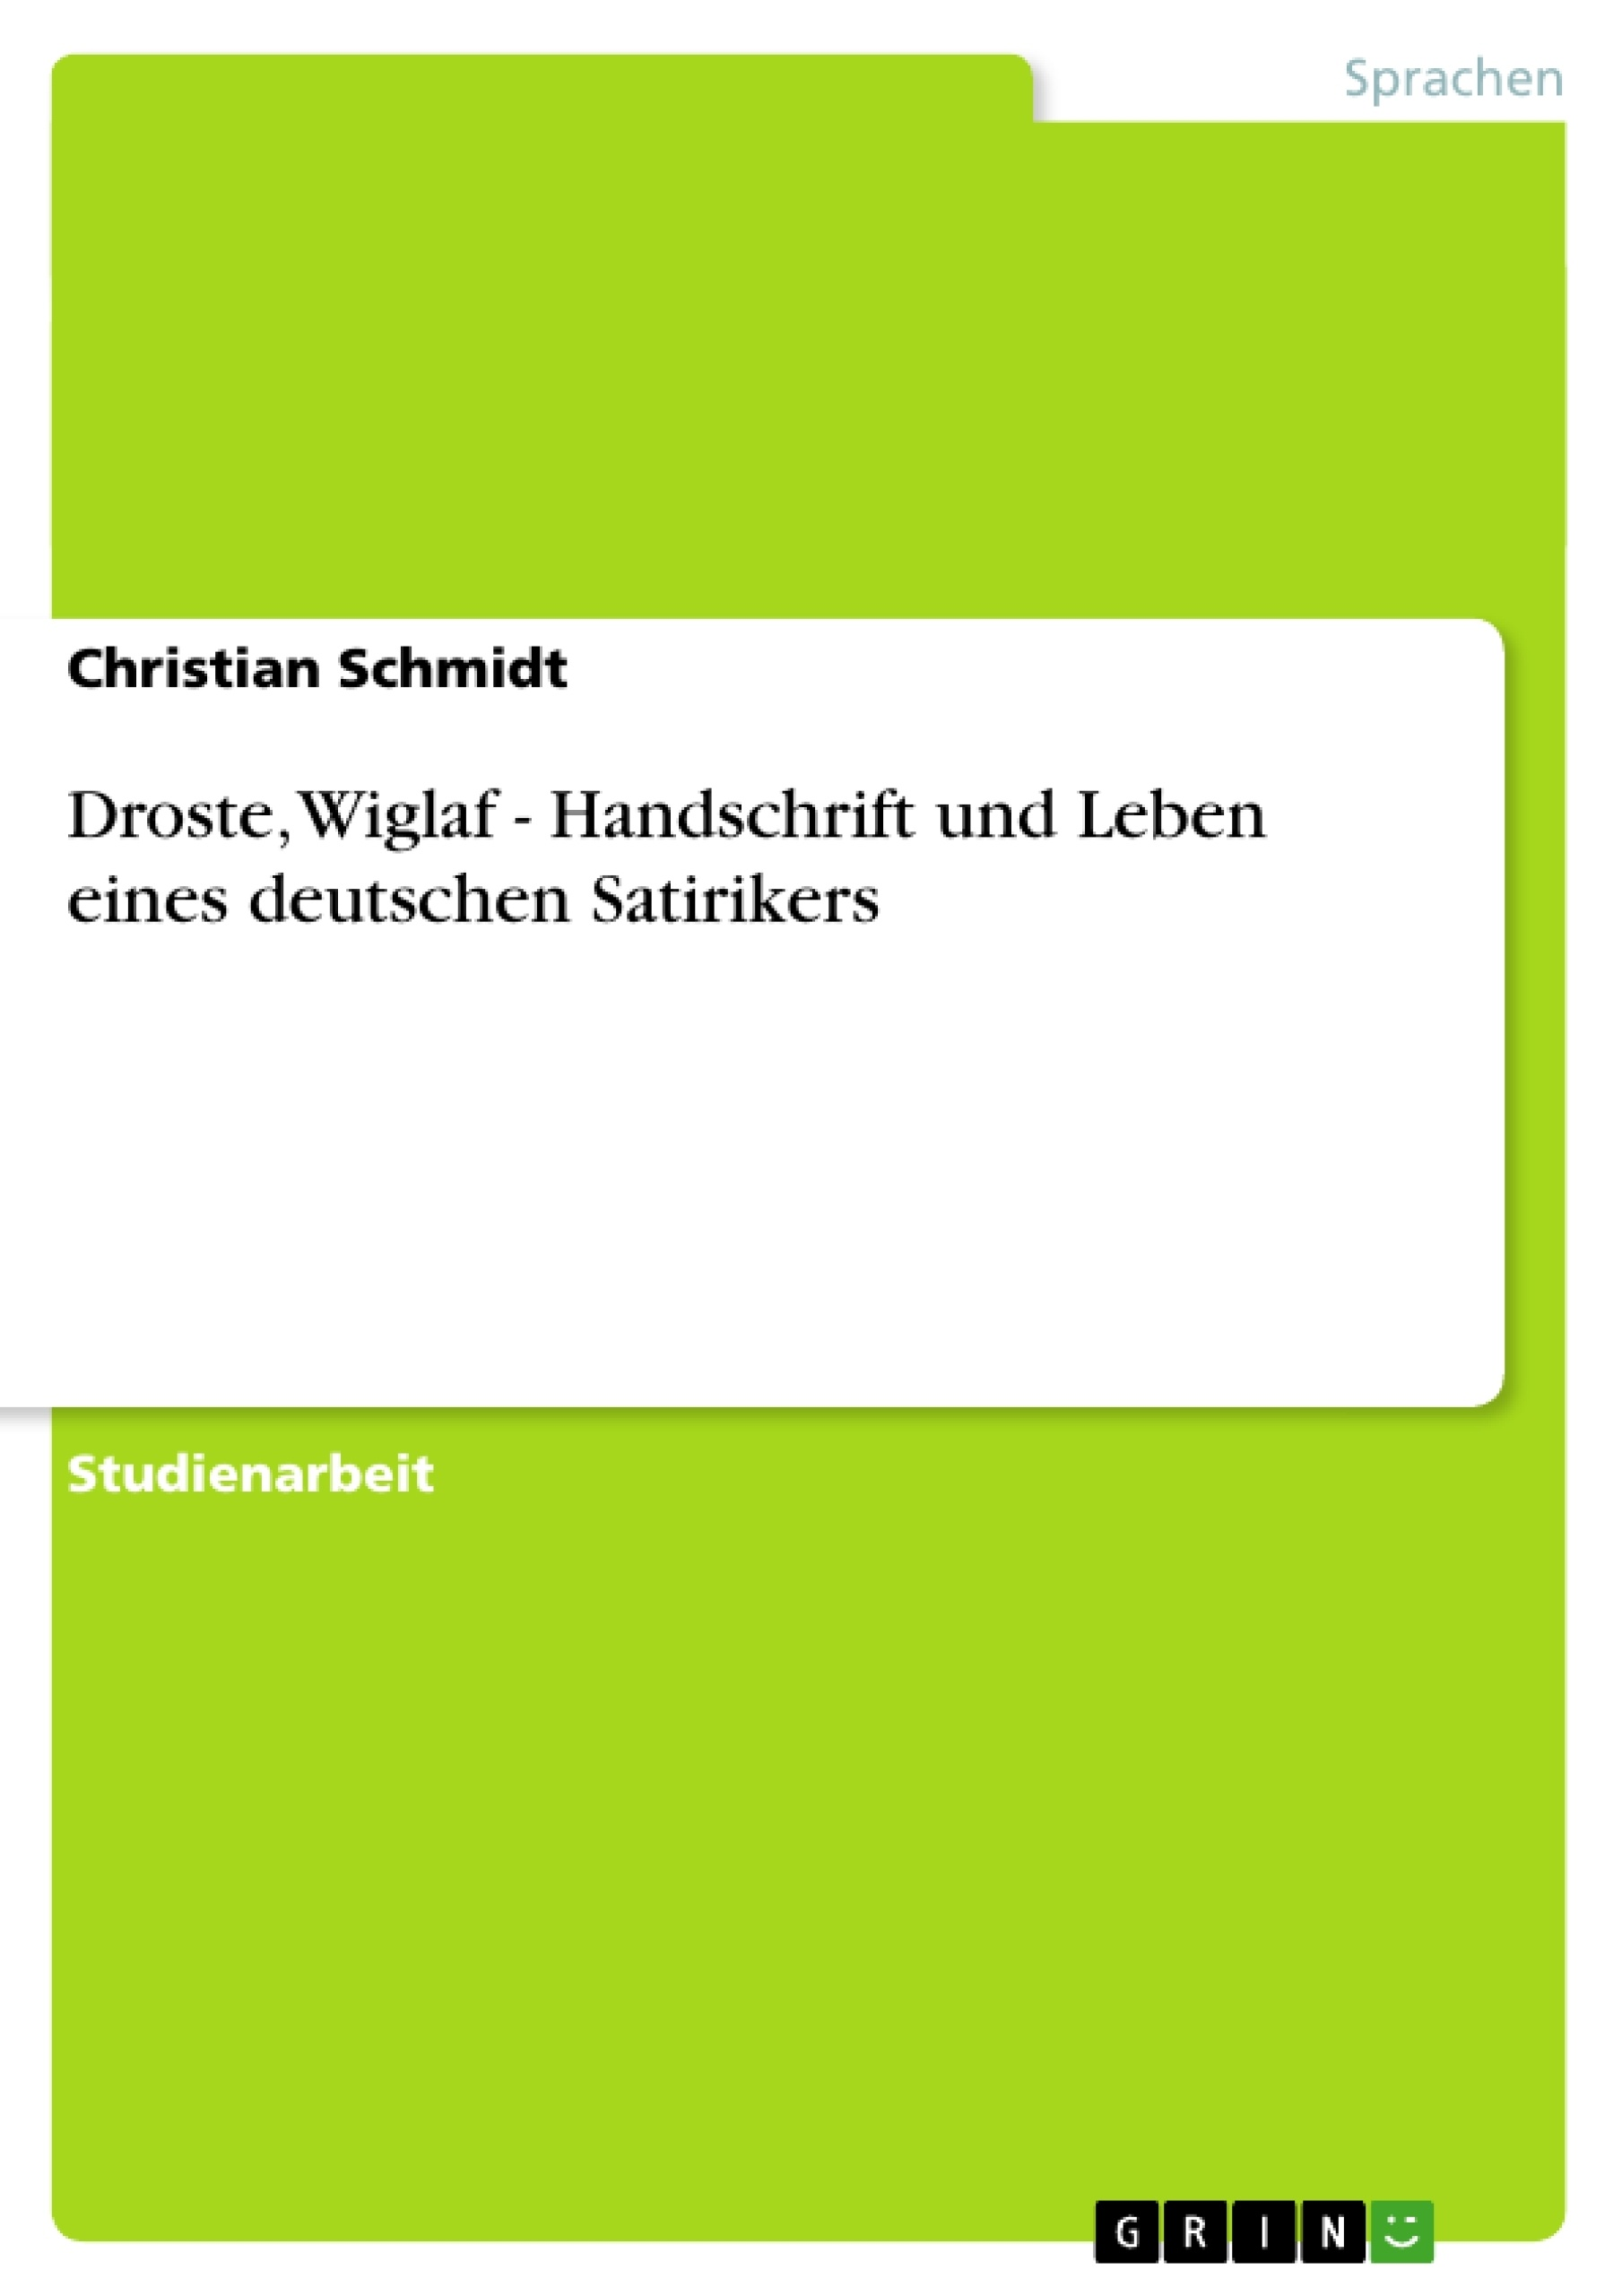 Titel:  Droste, Wiglaf - Handschrift und Leben eines deutschen Satirikers